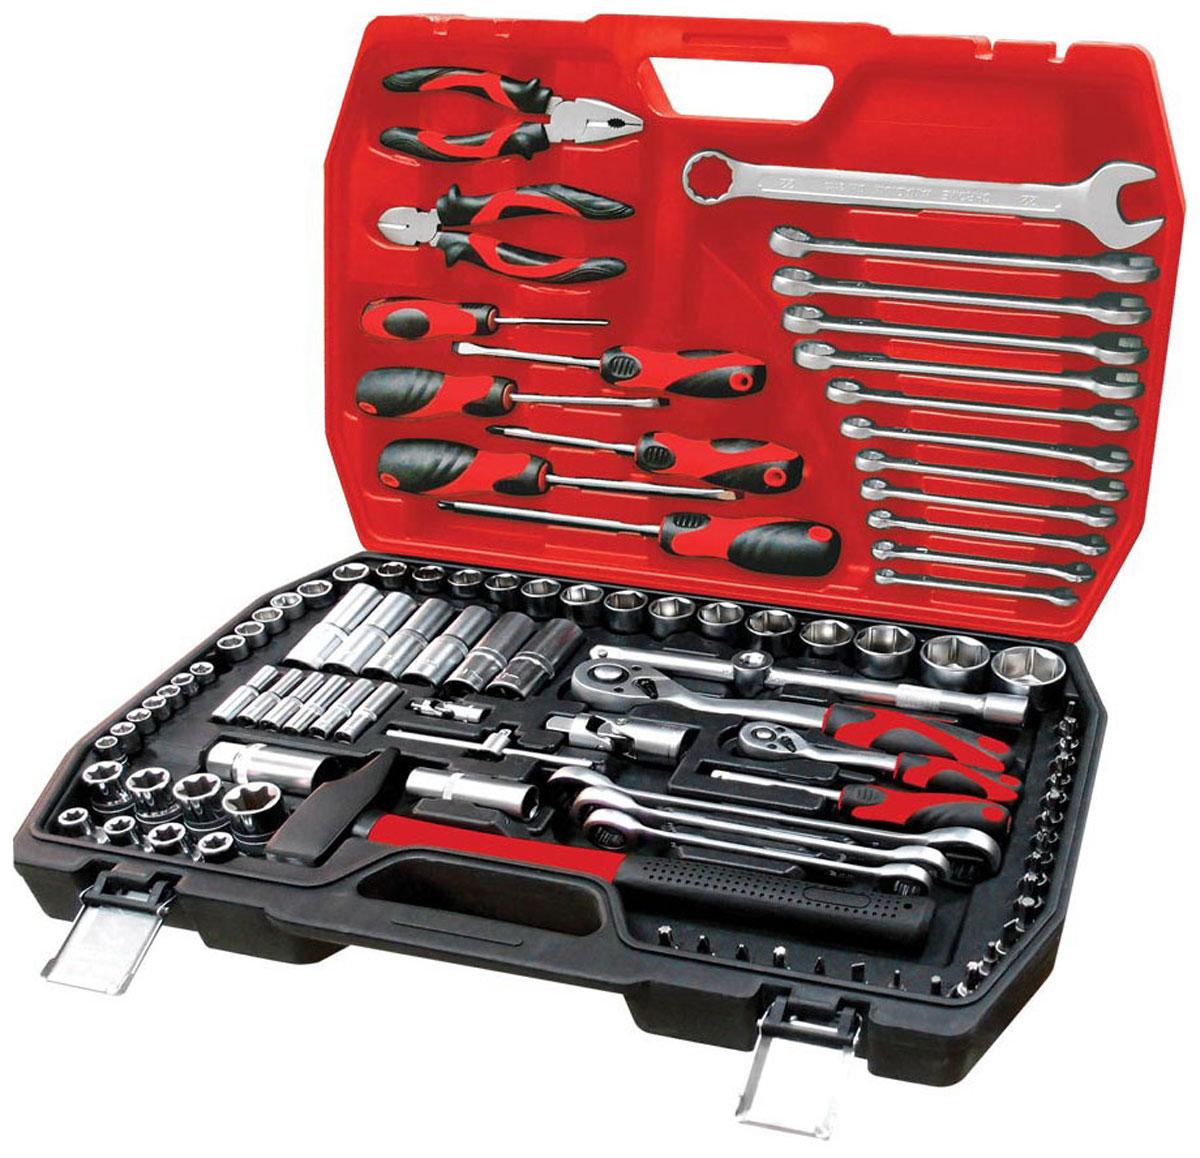 Набор инструментов Zipower, 103 предмета. PM 411098298123_черныйПолноценный автосервис в вашем багажнике. Любые ремонтные работы, широкий диапазон решаемых проблем, удобство и безопасность гарантированы. В комплекте: шестигранные торцевые головки с битами, свечные головки, гаечные и накидные ключи, отверточная рукоятка для бит, бокорезы, комбинированные плоскогубцы.Тщательно подобранный ассортимент инструмента удовлетворит запросы и начинающего автовладельца, и профессионального механика.Применение специальной технологии закалки и термической обработки хромованадиевой стали гарантирует высокую прочность инструмента, его износоустойчивость при интенсивном использовании.Двухкомпонентные рукоятки обеспечивают комфорт во время выполнения работ. Количество предметов: 103 шт.Материал инструмента: Cr-V